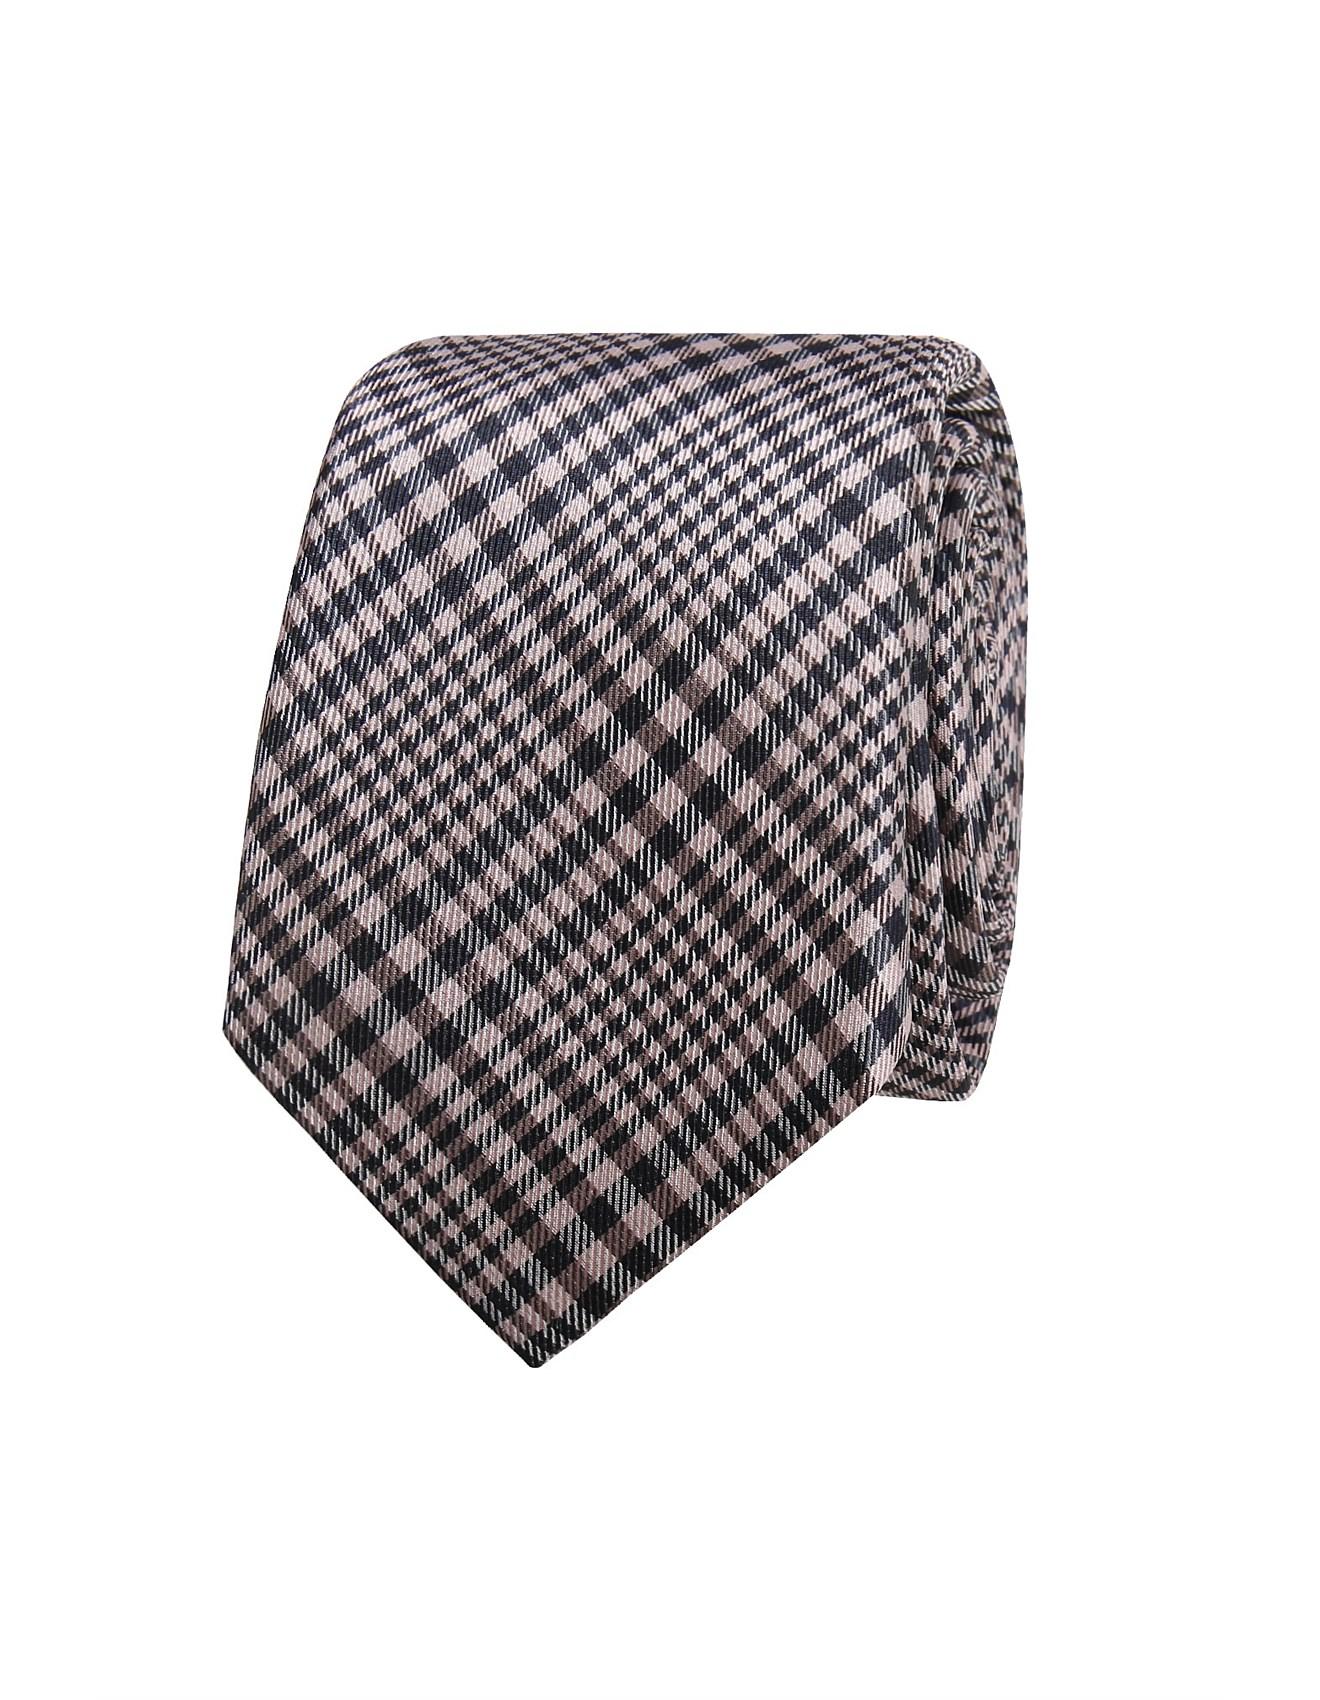 076df879f310 Men's Ties | Business Ties, Skinny Ties & More | David Jones - GLEN CHECK  TIE